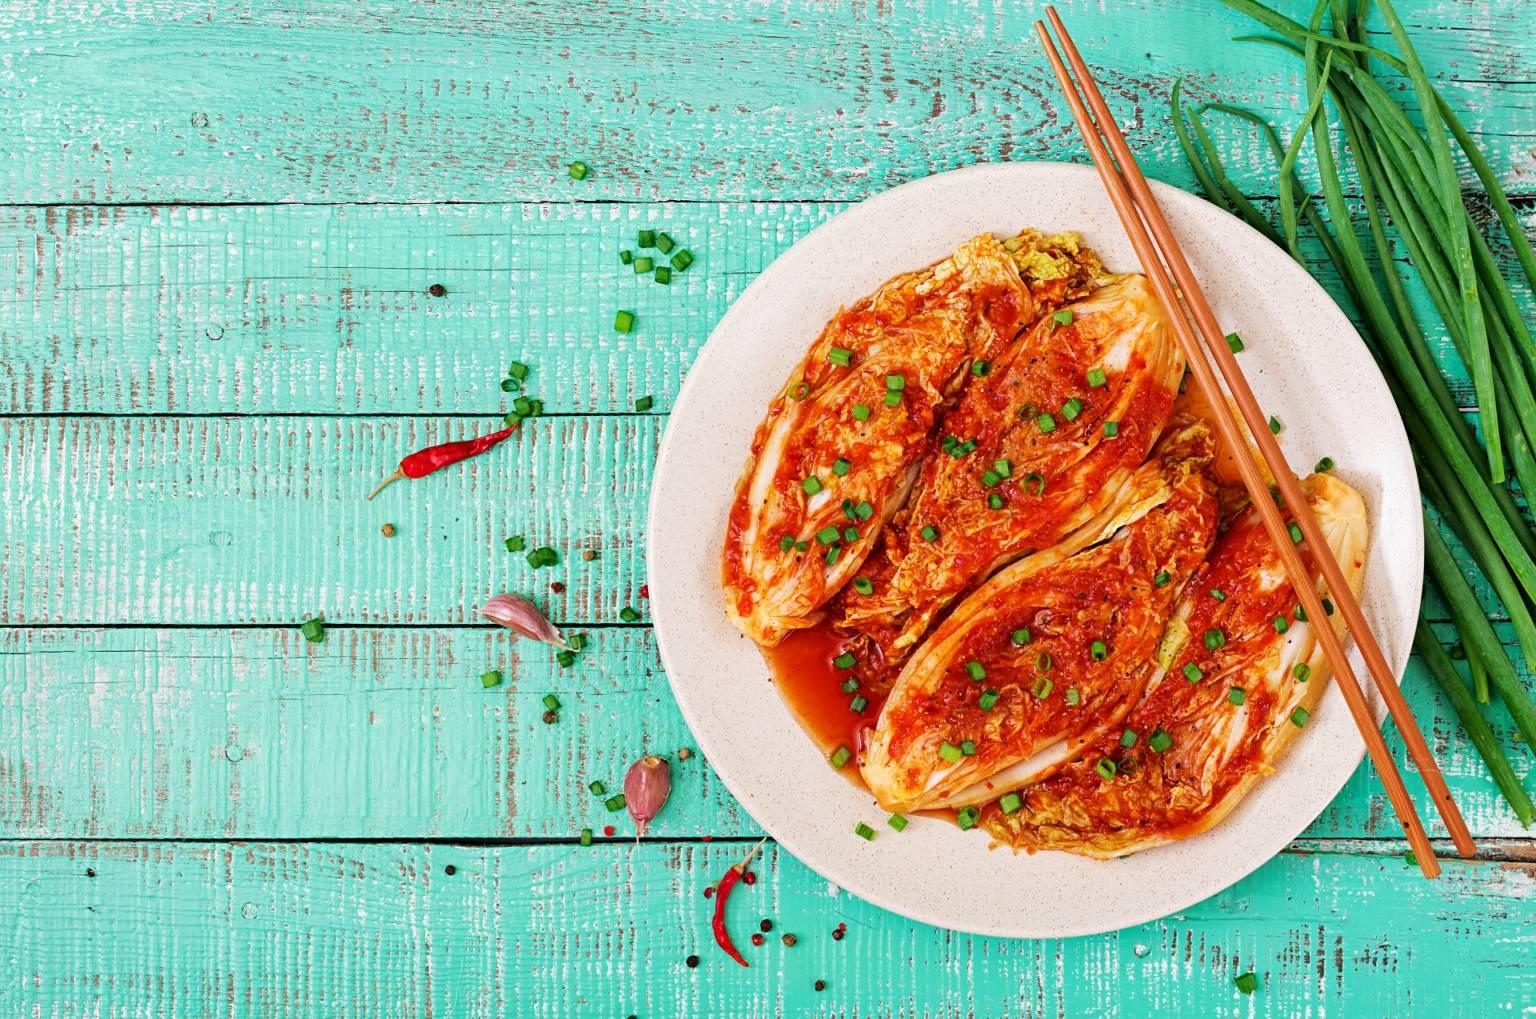 Tradycyjny przepis na kimchi. Jak zrobić kiszoną kapustę pekińską z warzywami i przyprawami? Kimchi na talerzu z pałeczkami leży na niebieskim starym drewnianym stole.